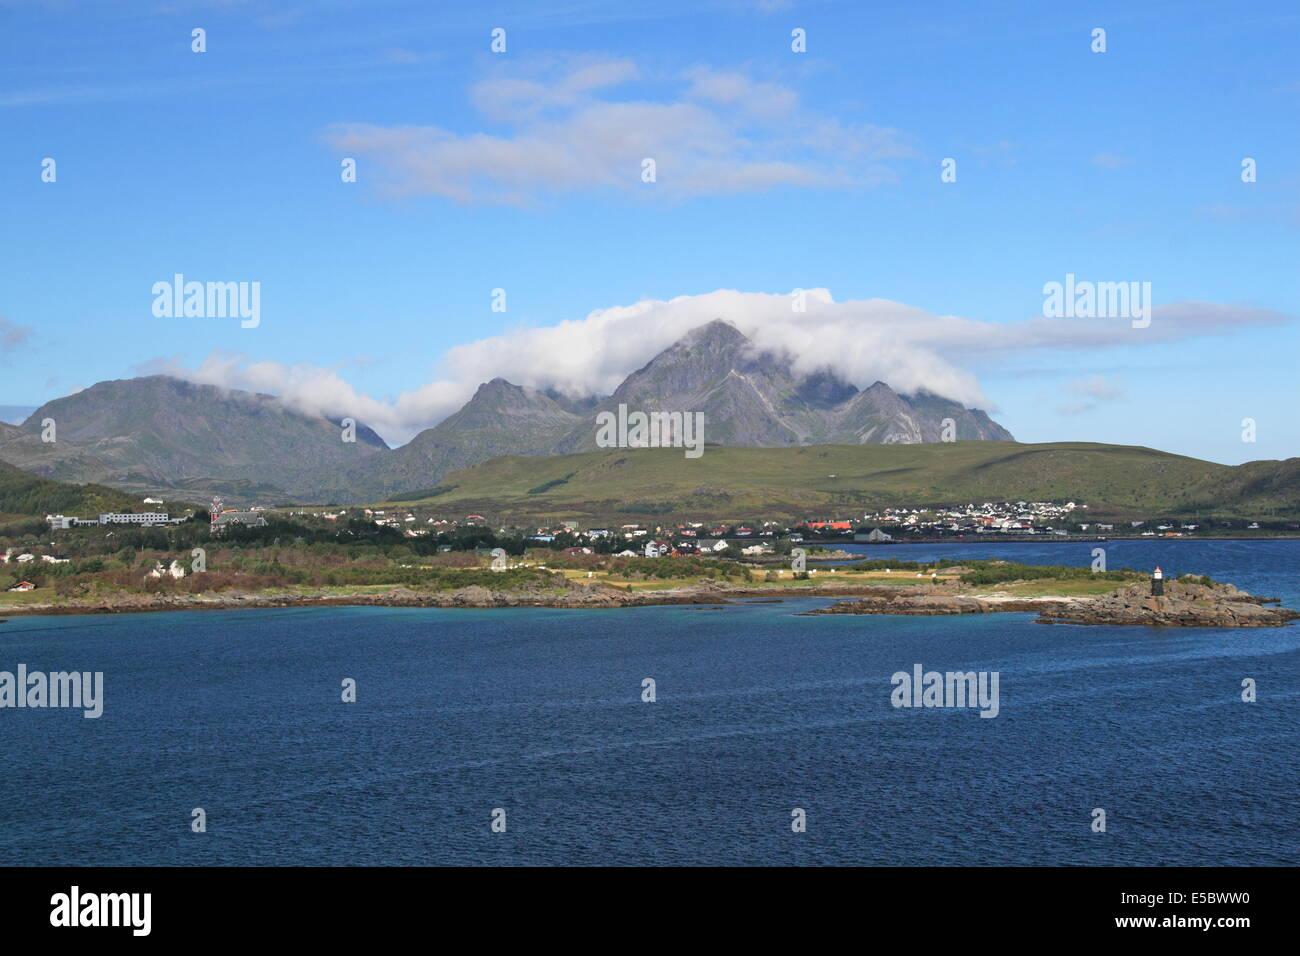 Gravdal, Vestvågøy, Vestvågøya, Lofoten Islands, Nordland, Norway, Europe - Stock Image